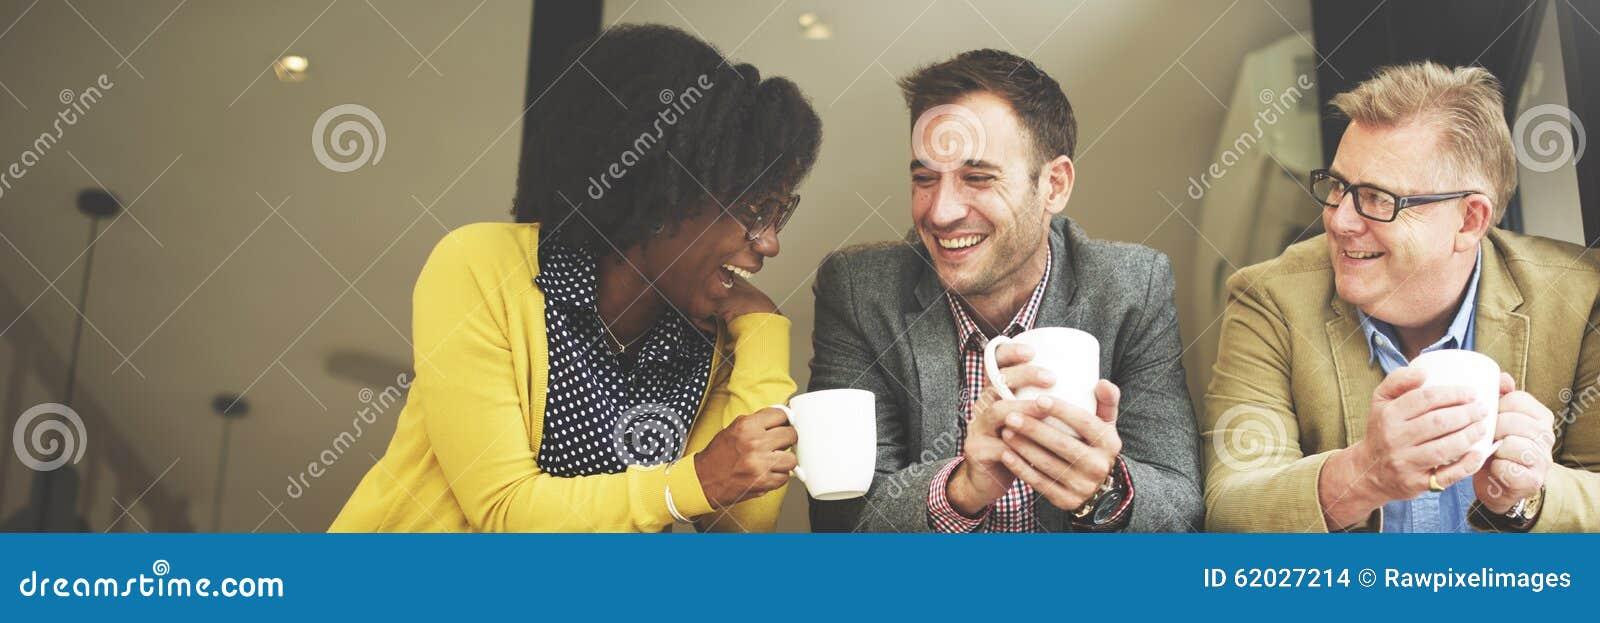 Gruppen-Geschäftsleute, die Kaffeepause-Konzept plaudern